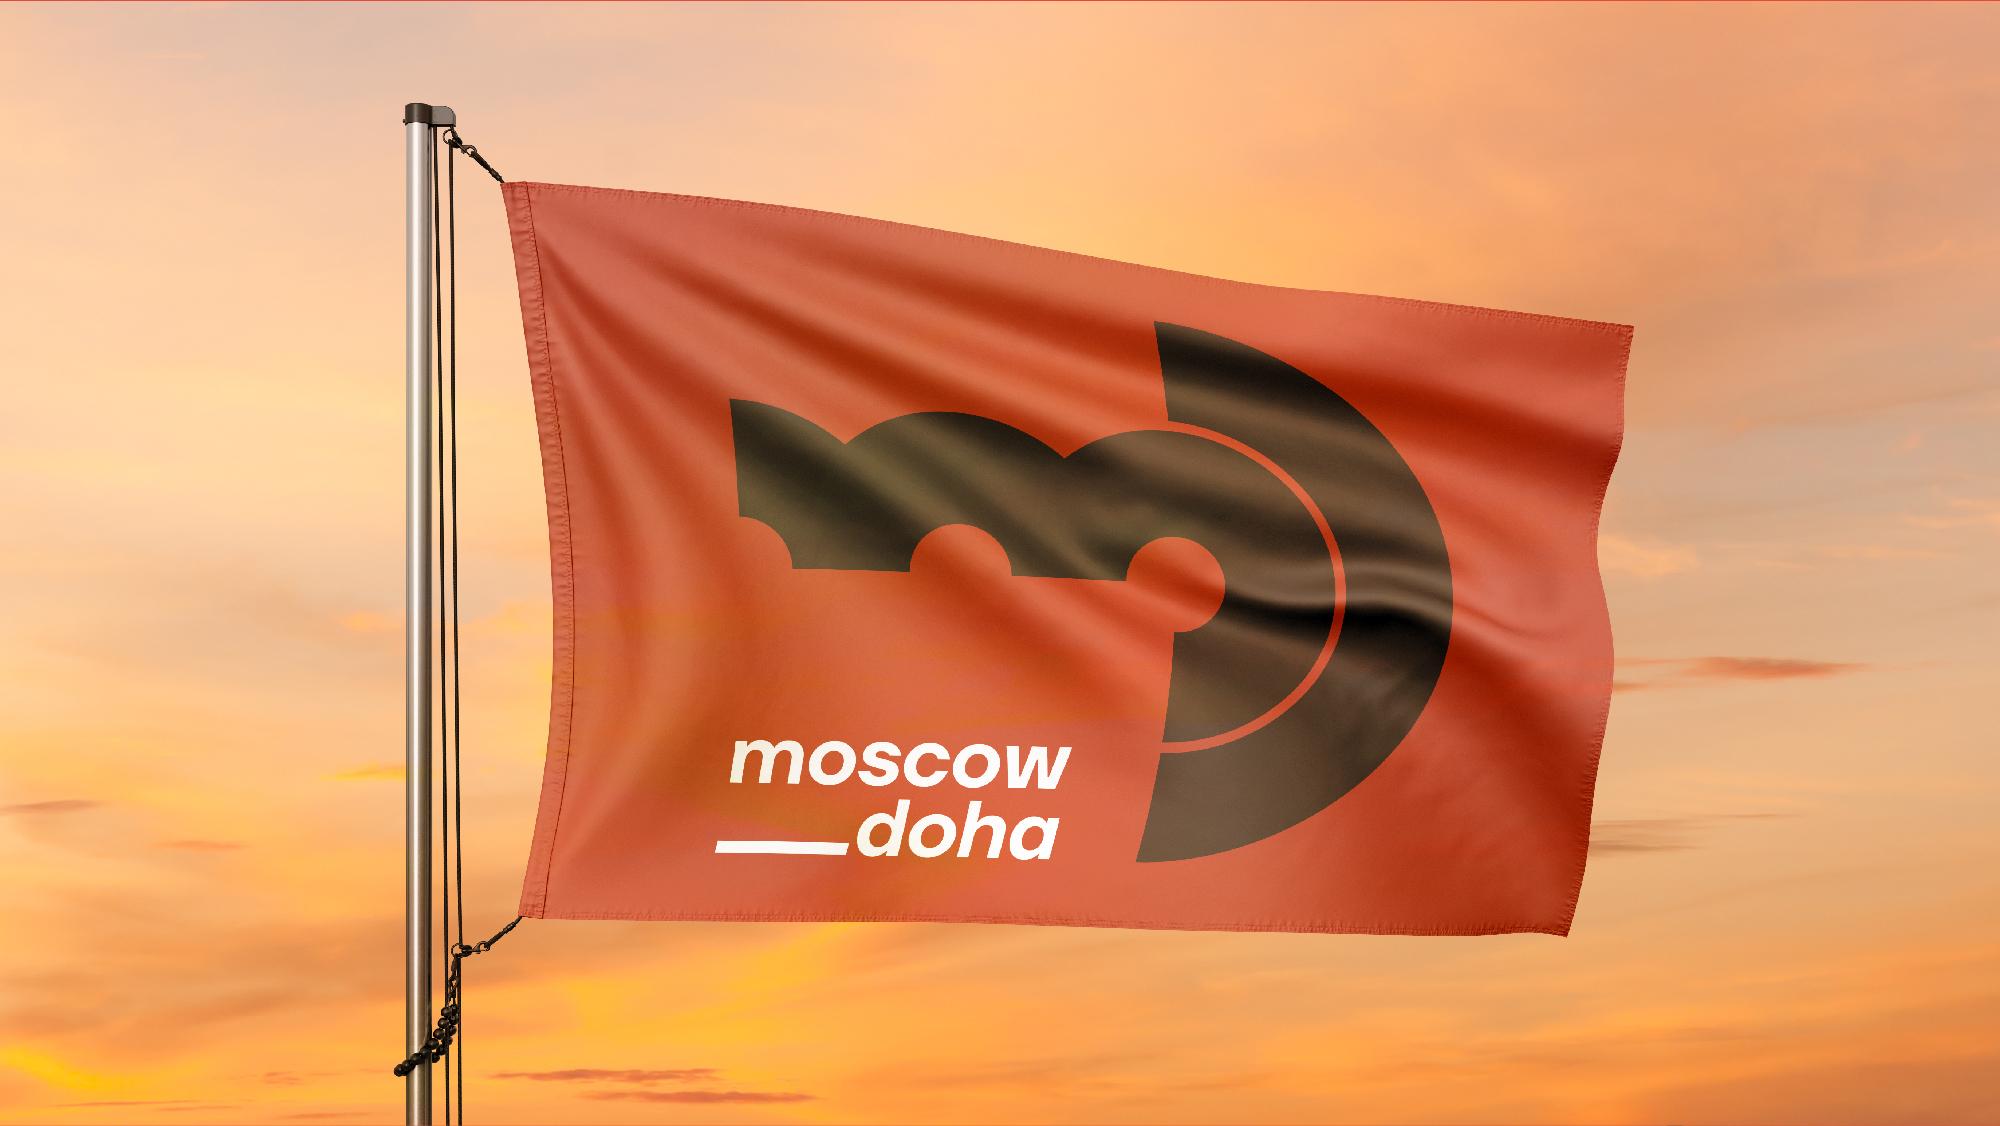 Moscow_Doha